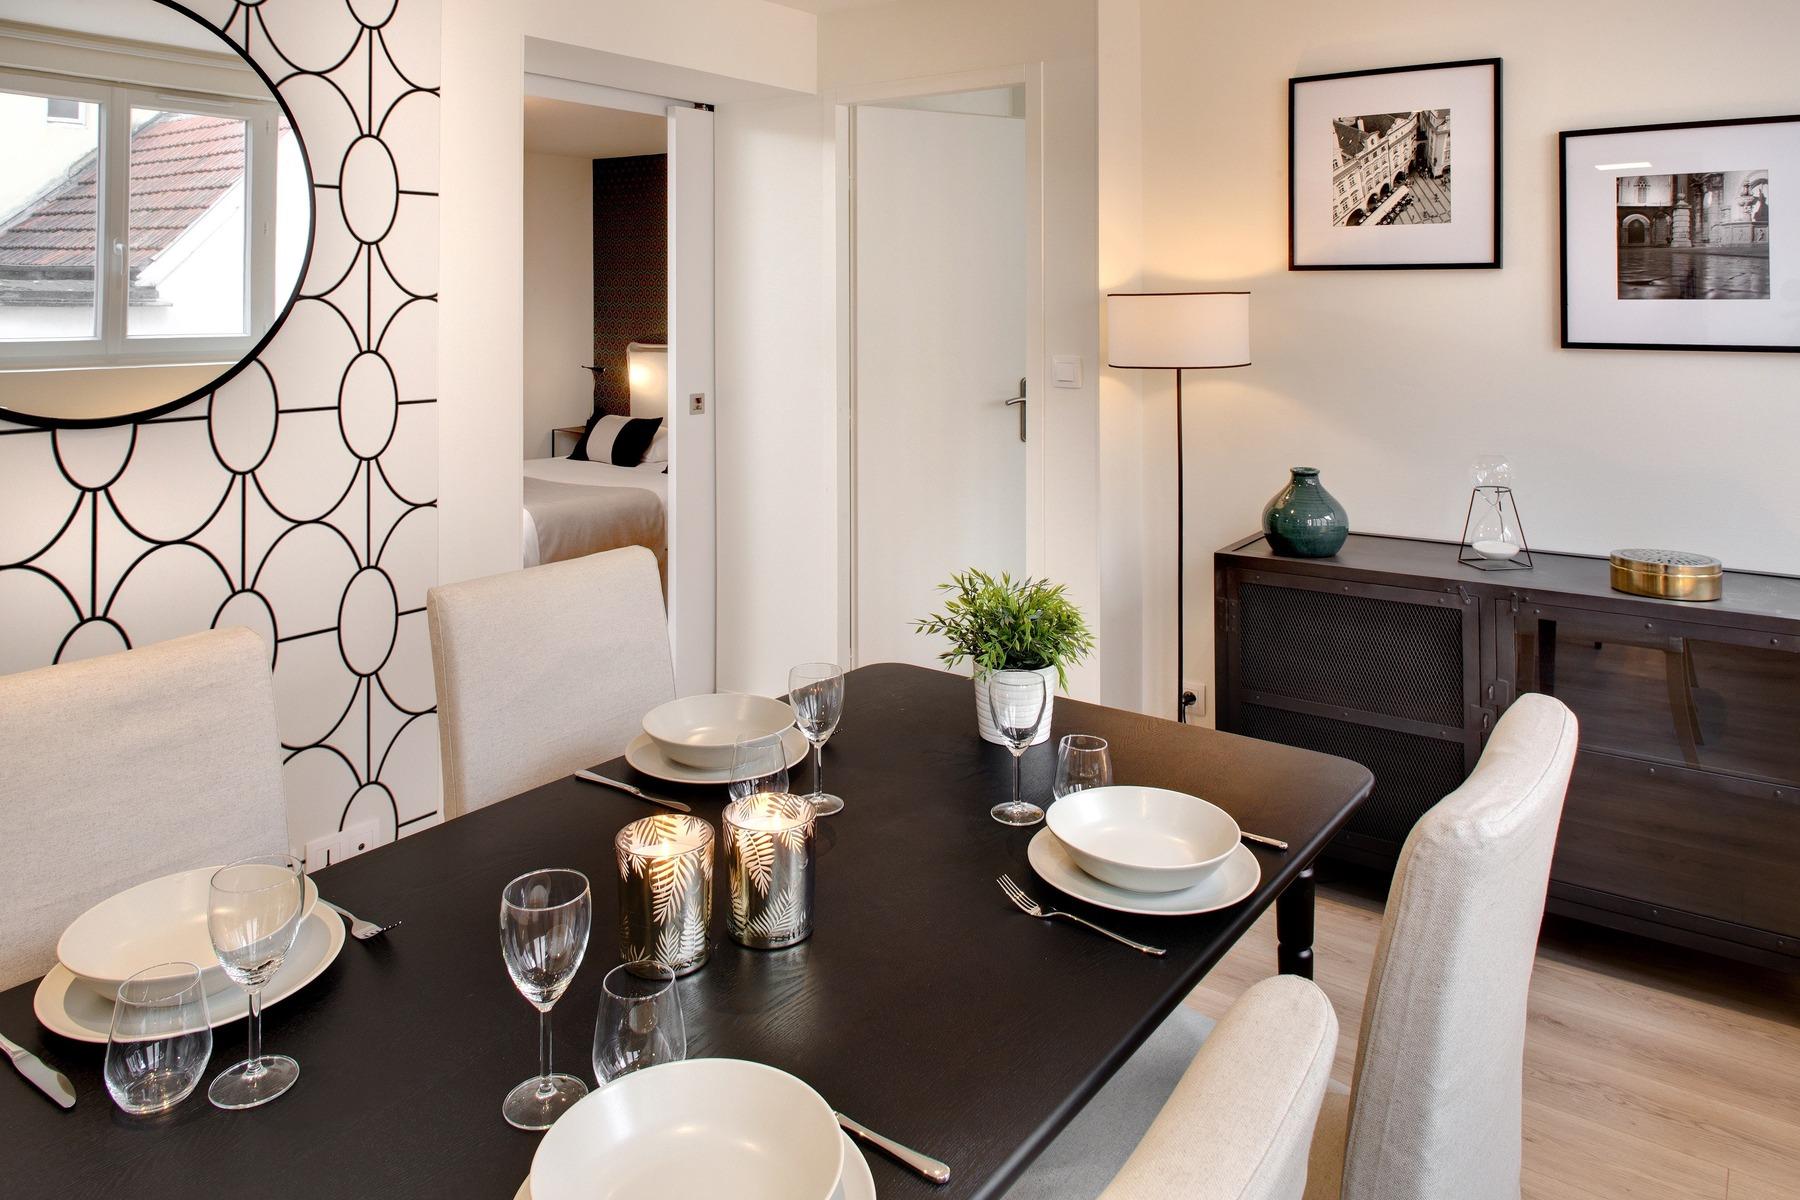 architecte d int rieur perpignan des 2 mains. Black Bedroom Furniture Sets. Home Design Ideas